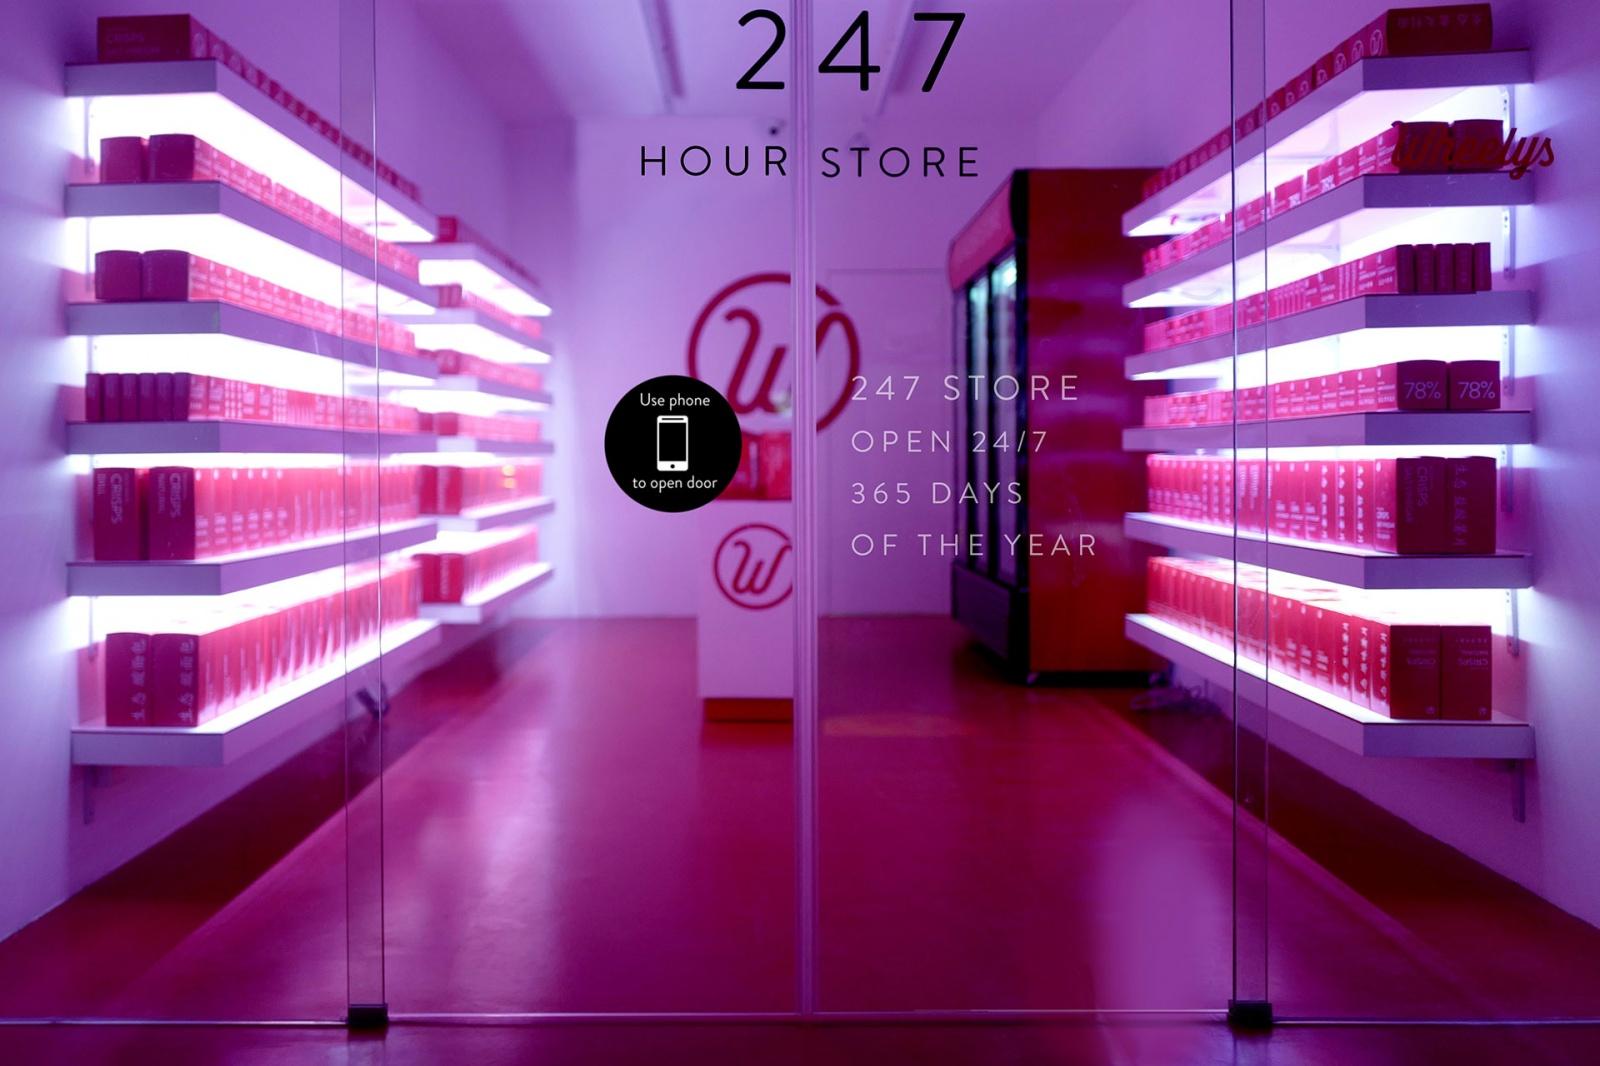 В Китае открылся круглосуточный магазин без обслуживающего персонала - 1